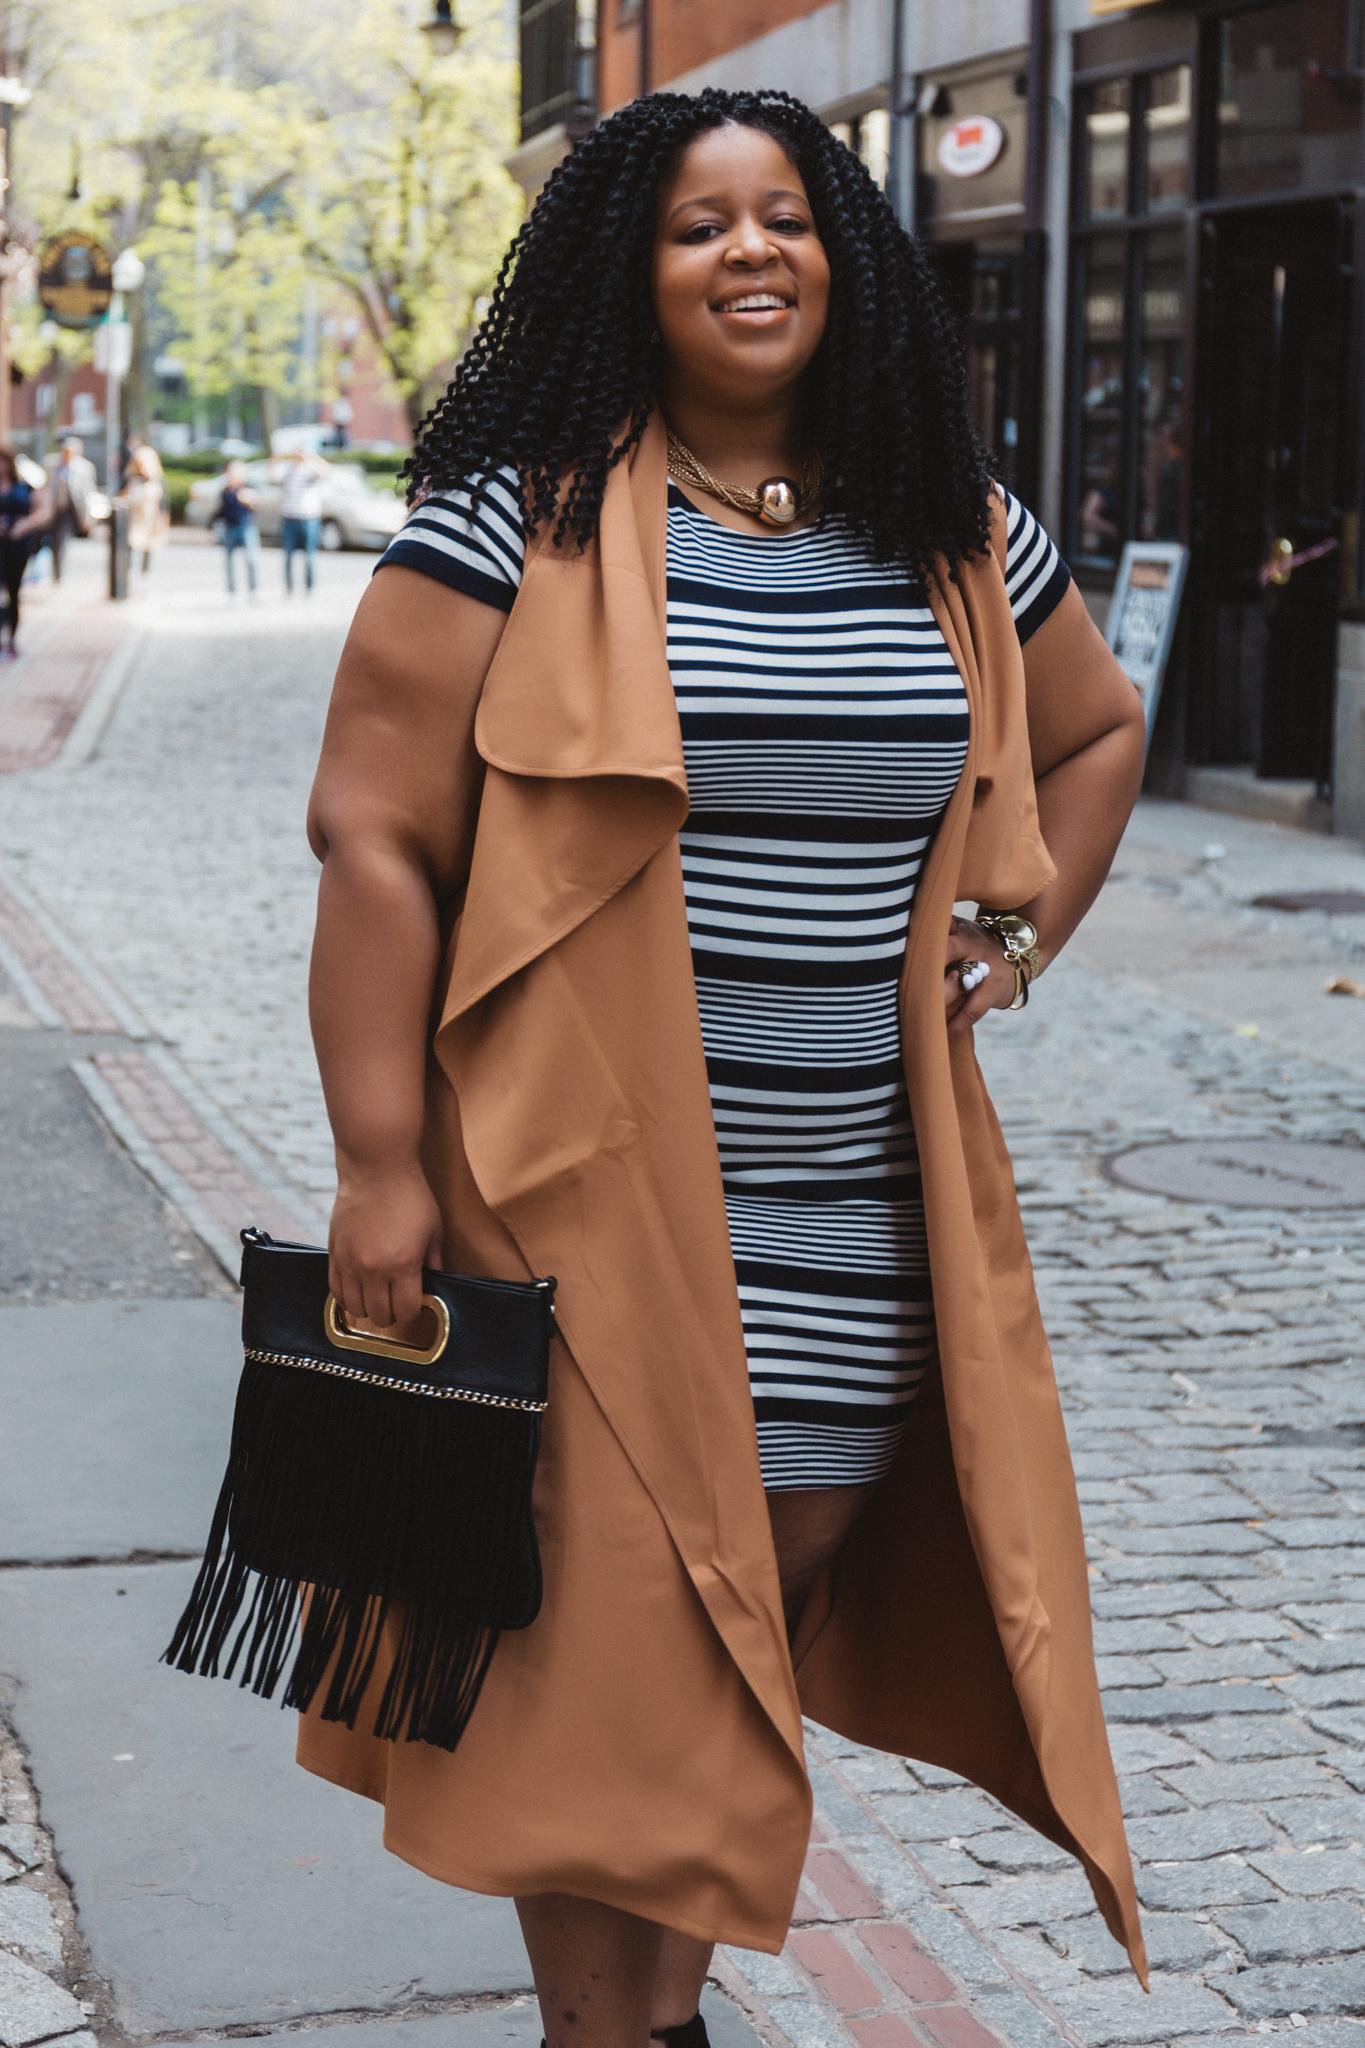 Plus Size Woman Wearing Stripes